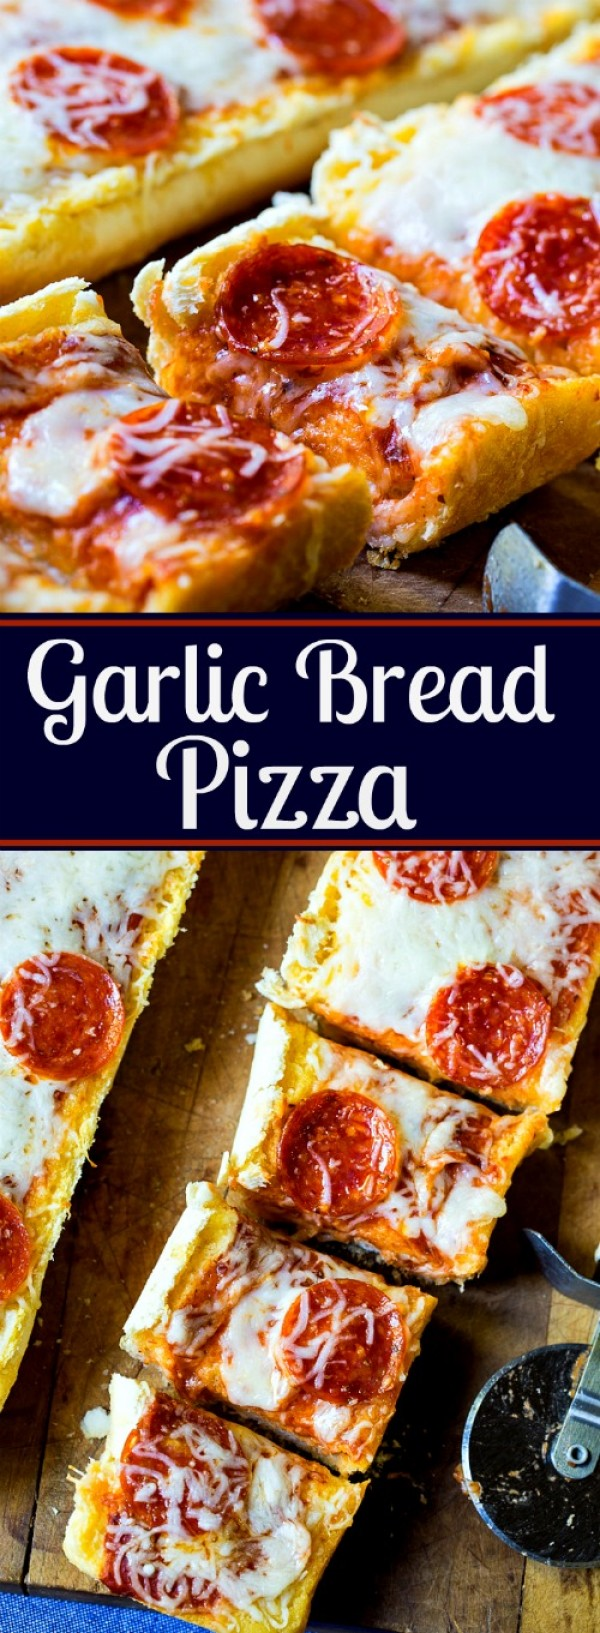 Get the recipe Garlic Bread Pizza @recipes_to_go